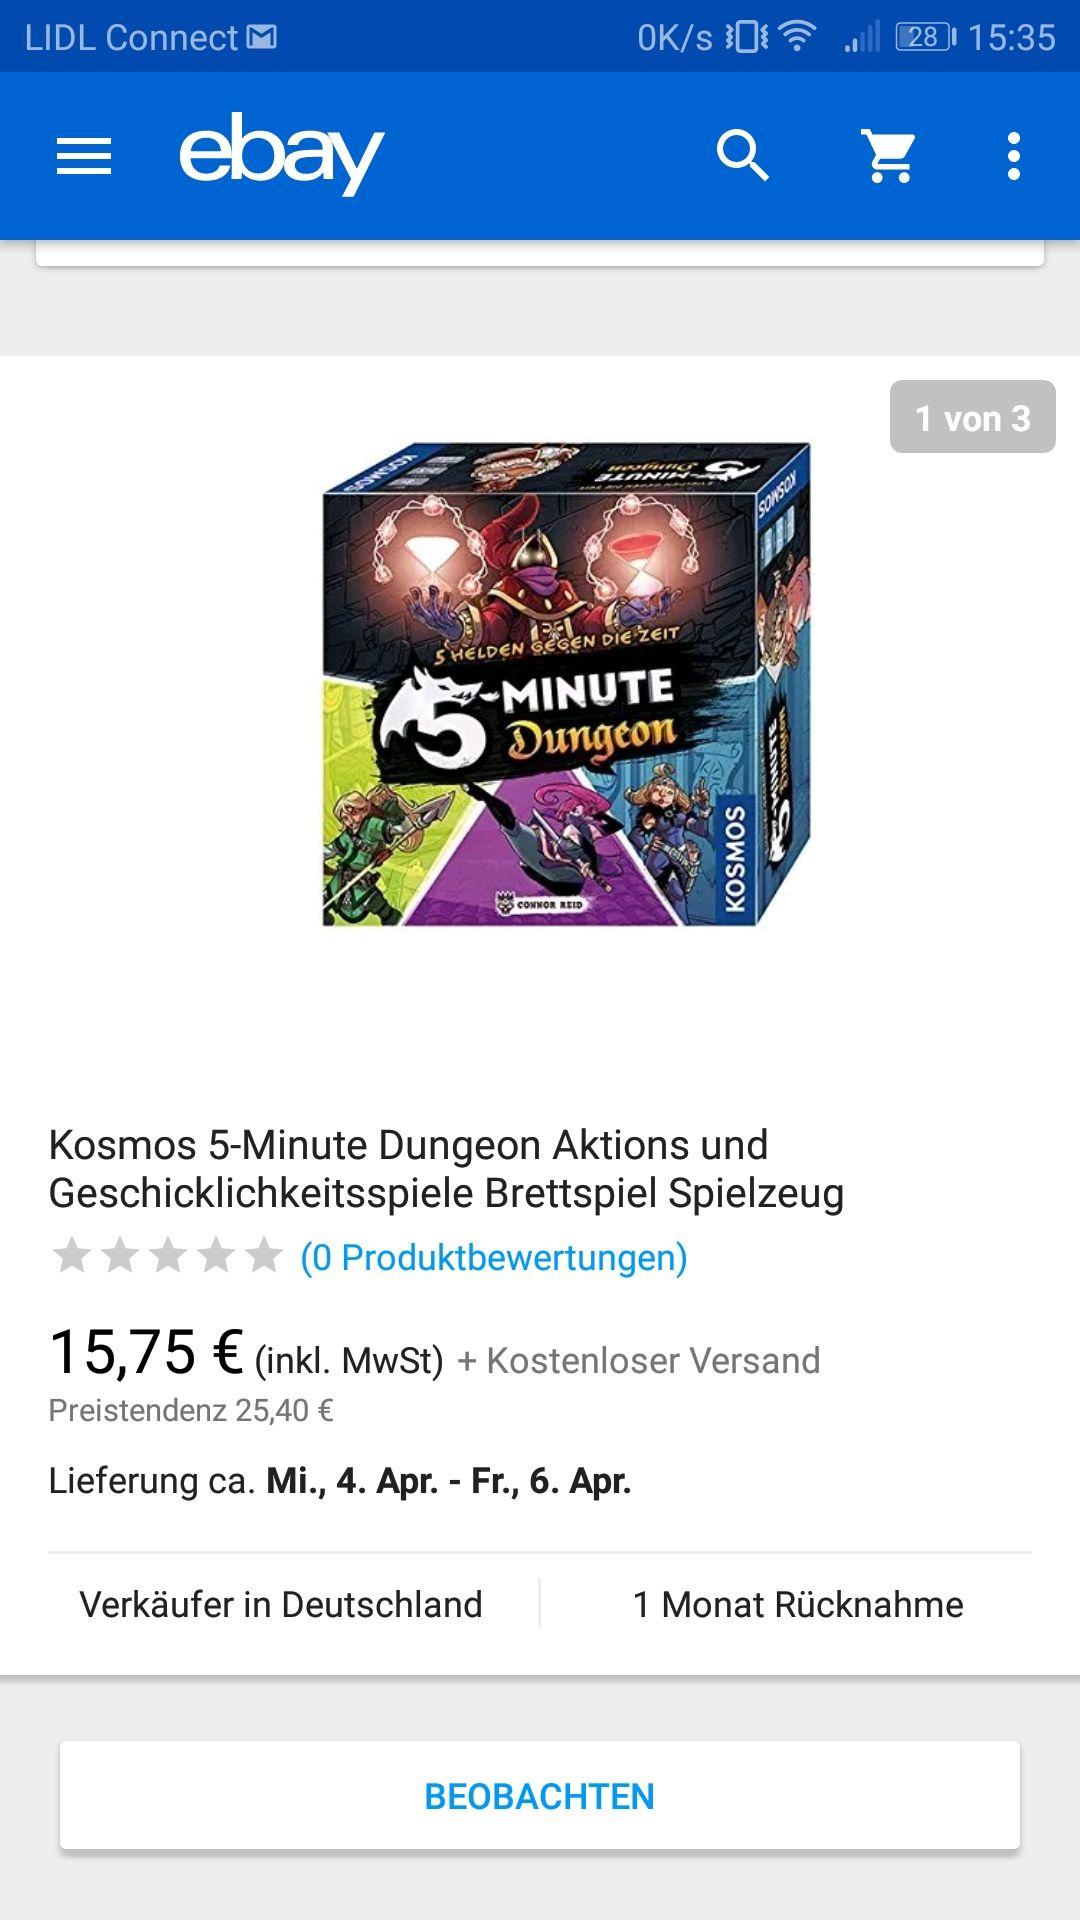 Kosmos 5-Minute Dungeon Aktions und Geschicklichkeitsspiele Brettspiel Spielzeug